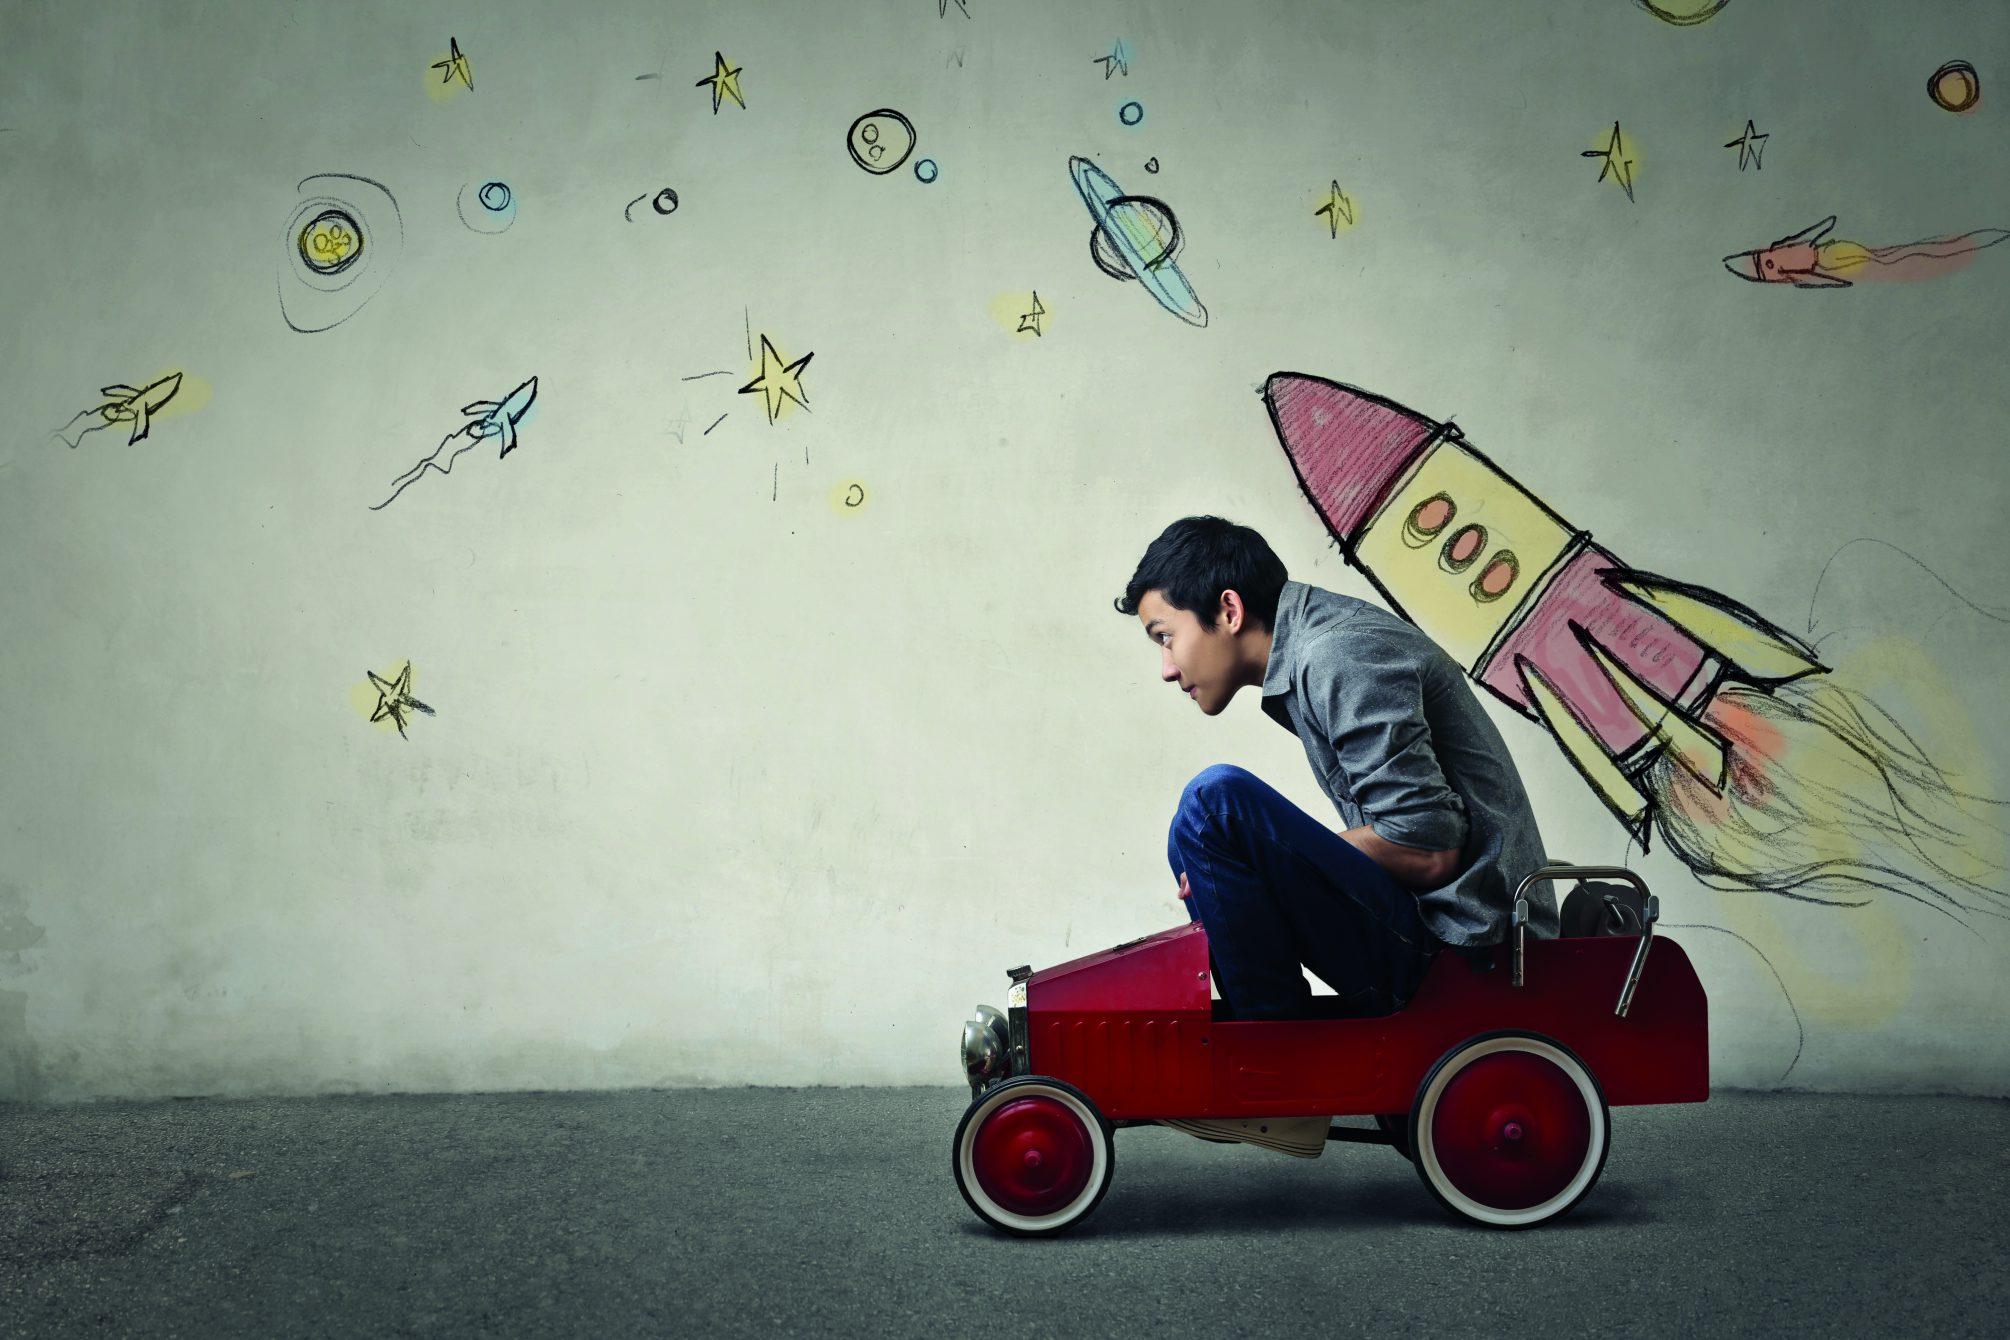 Mann auf Spielzeugauto mit Rakete auf dem Rücken